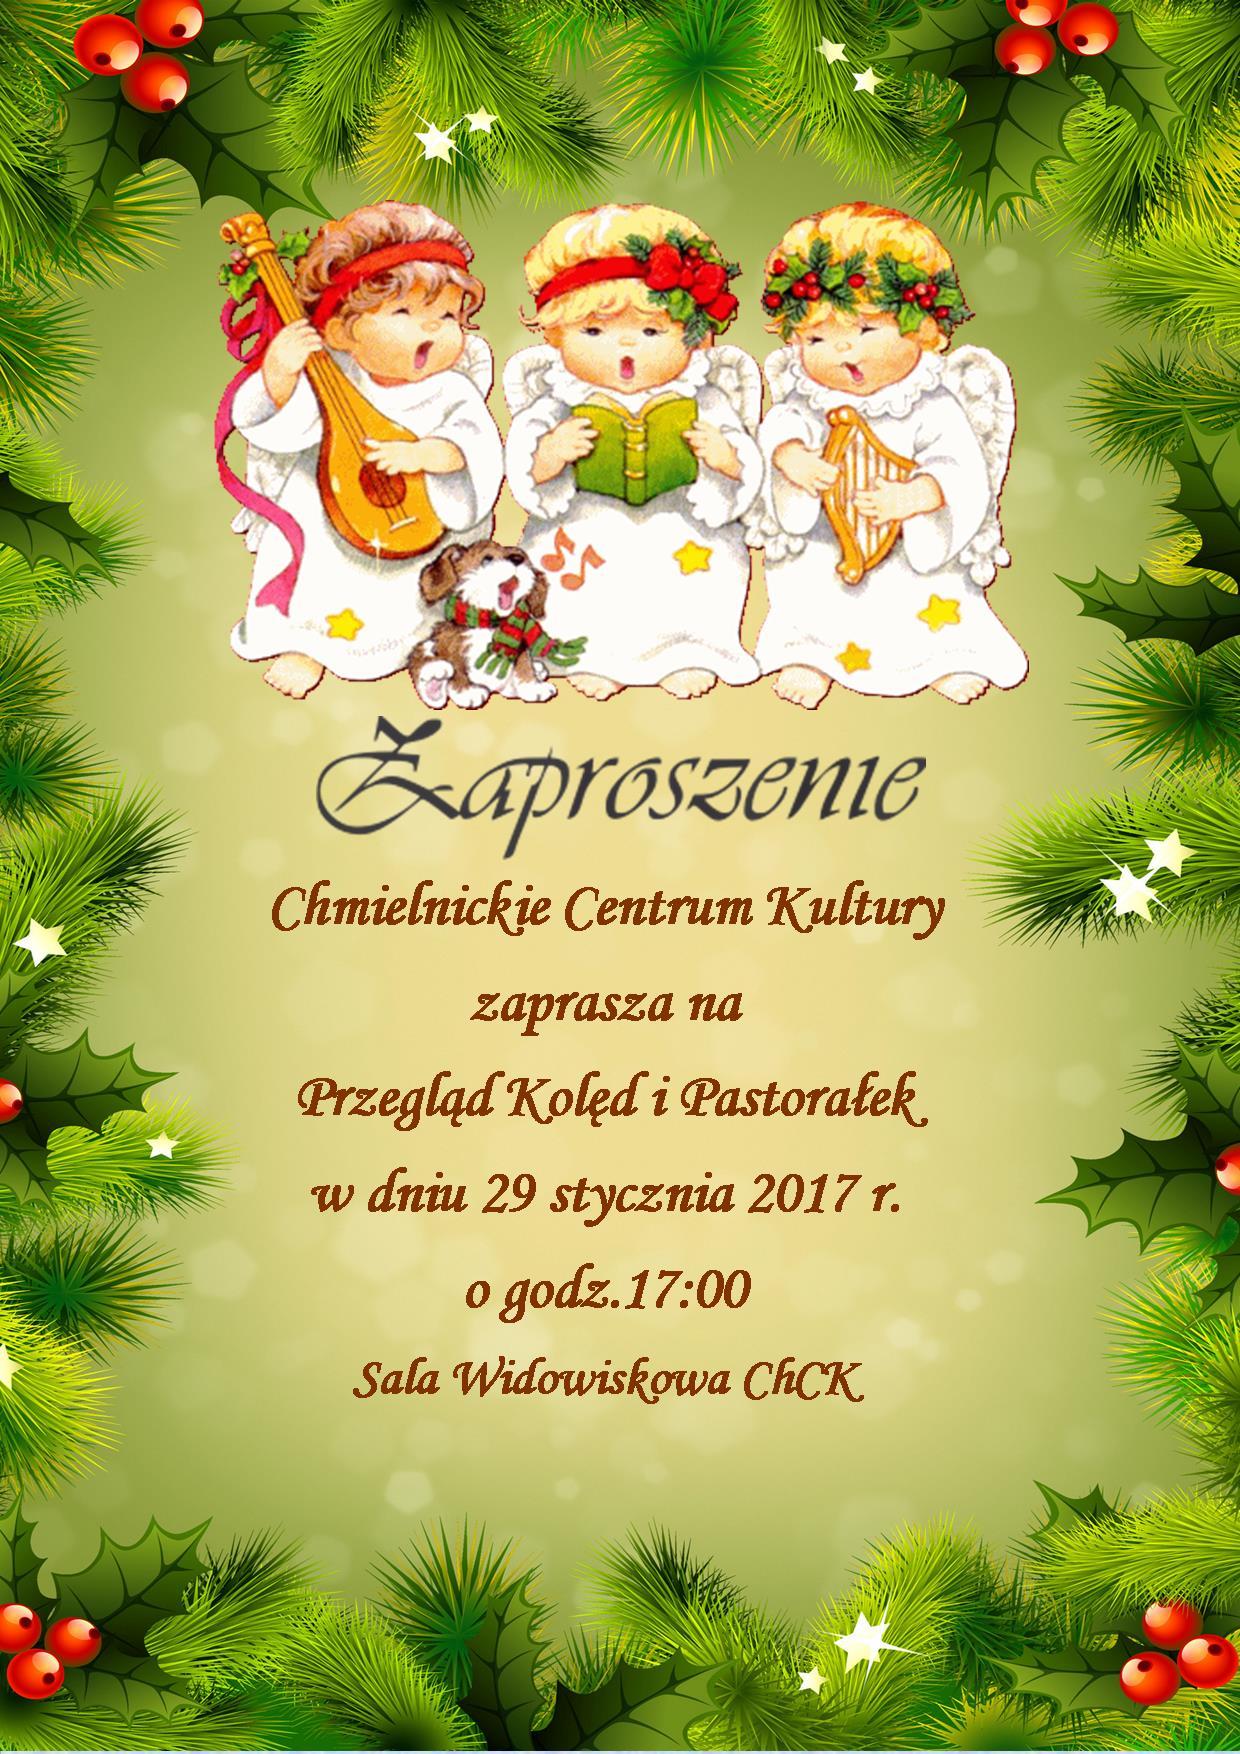 - zaproszenie_koledy_i_pastoralki_2.jpg